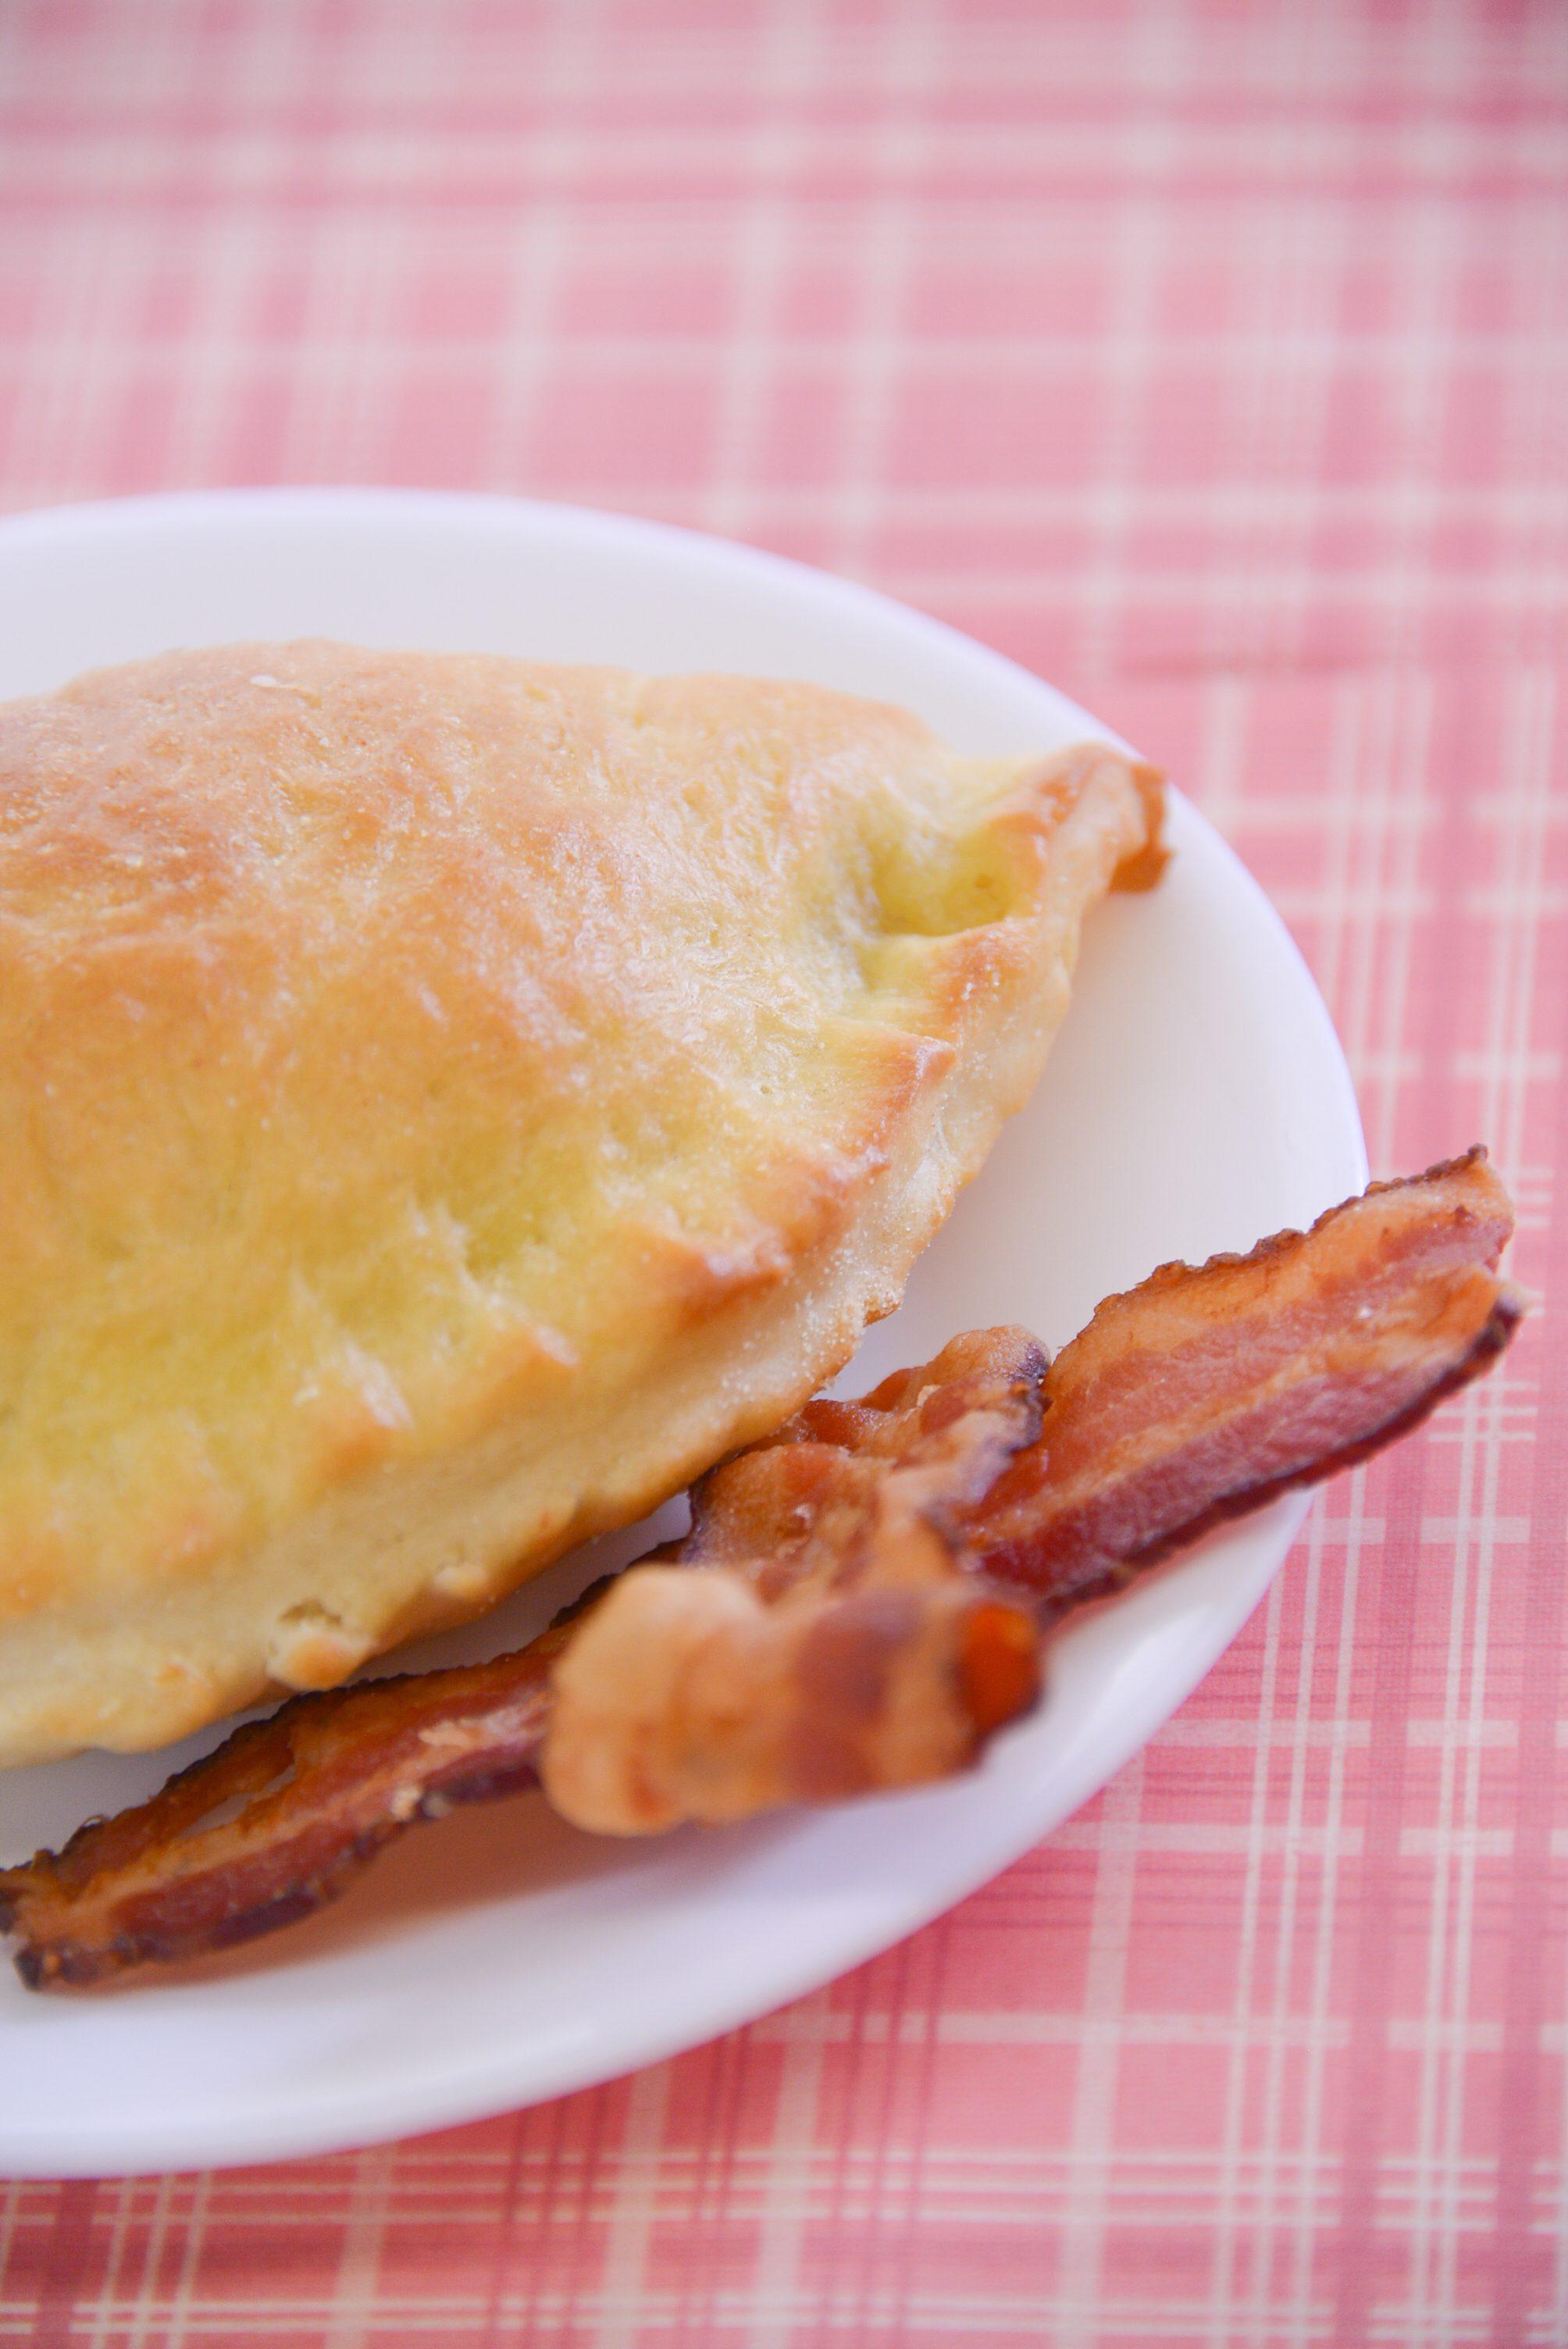 BaconBreakfastCalzone